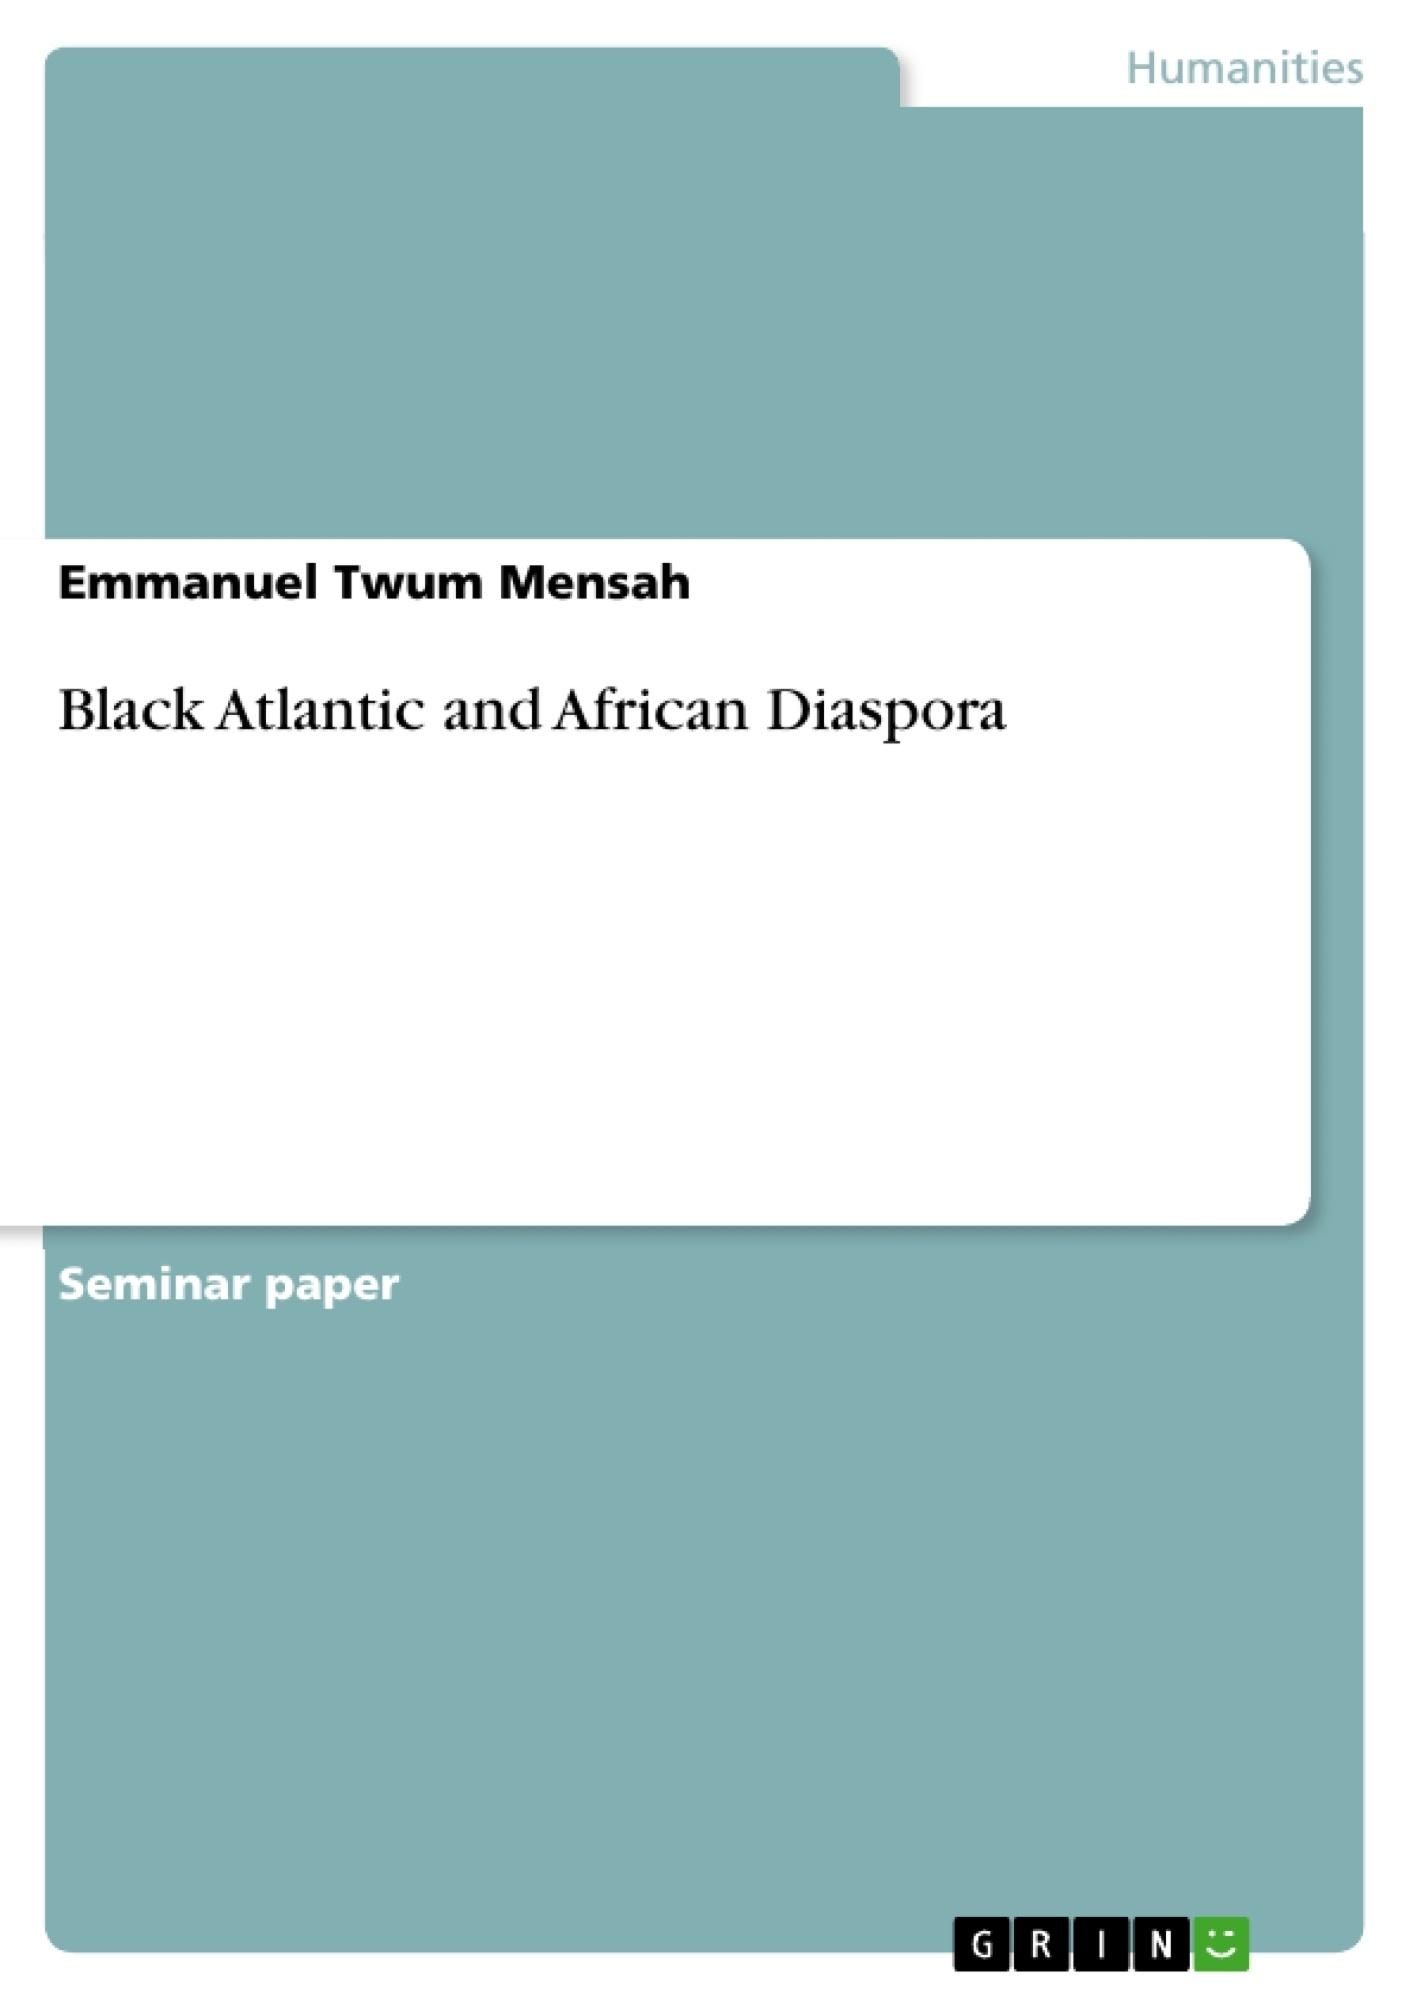 Title: Black Atlantic and African Diaspora